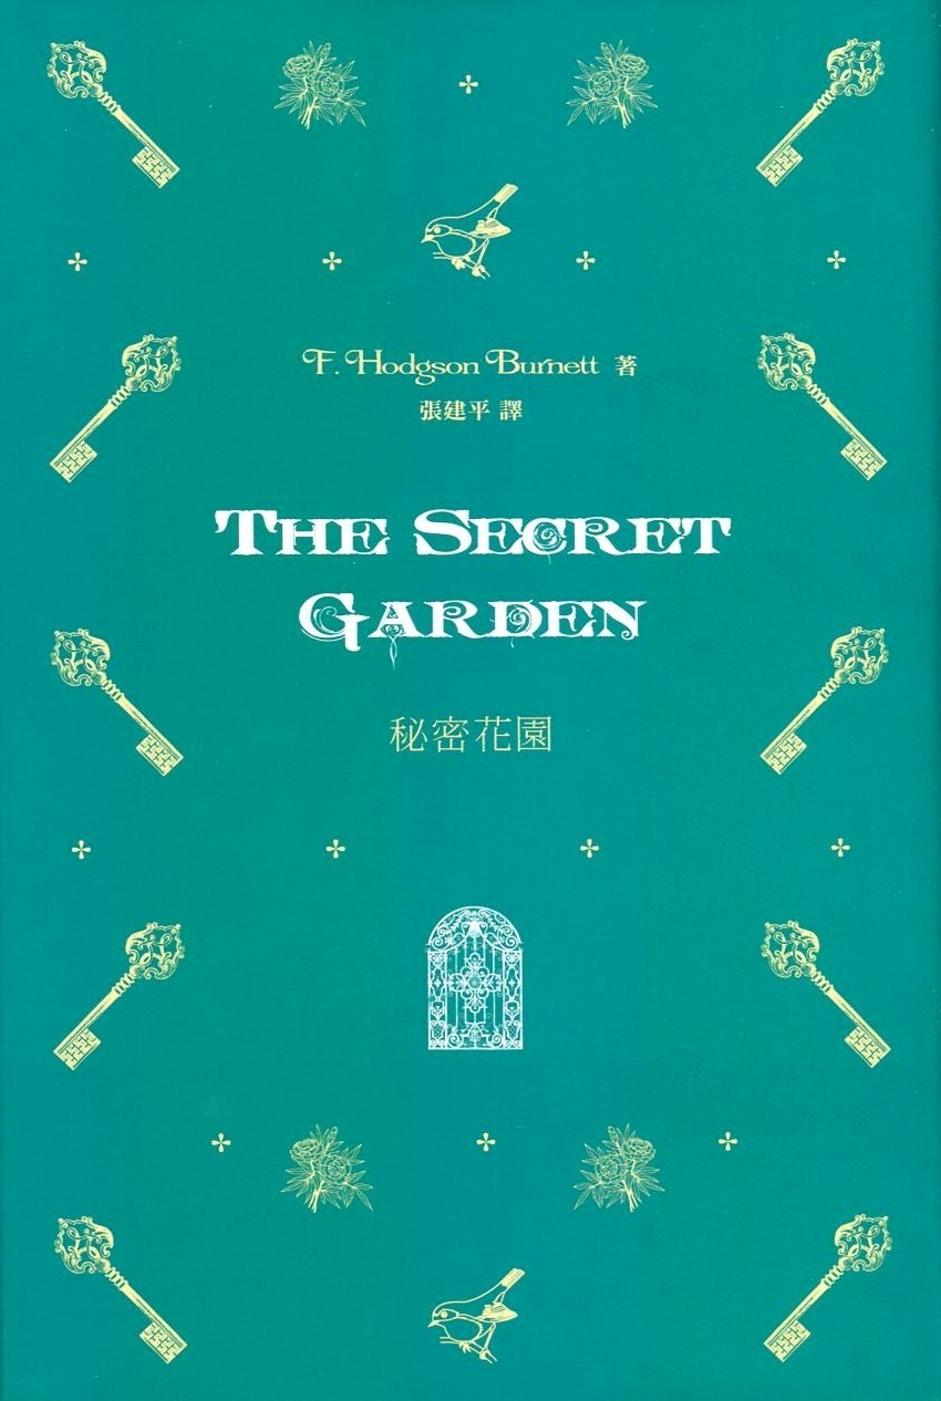 秘密花園 The Secret Garden(中英對照)